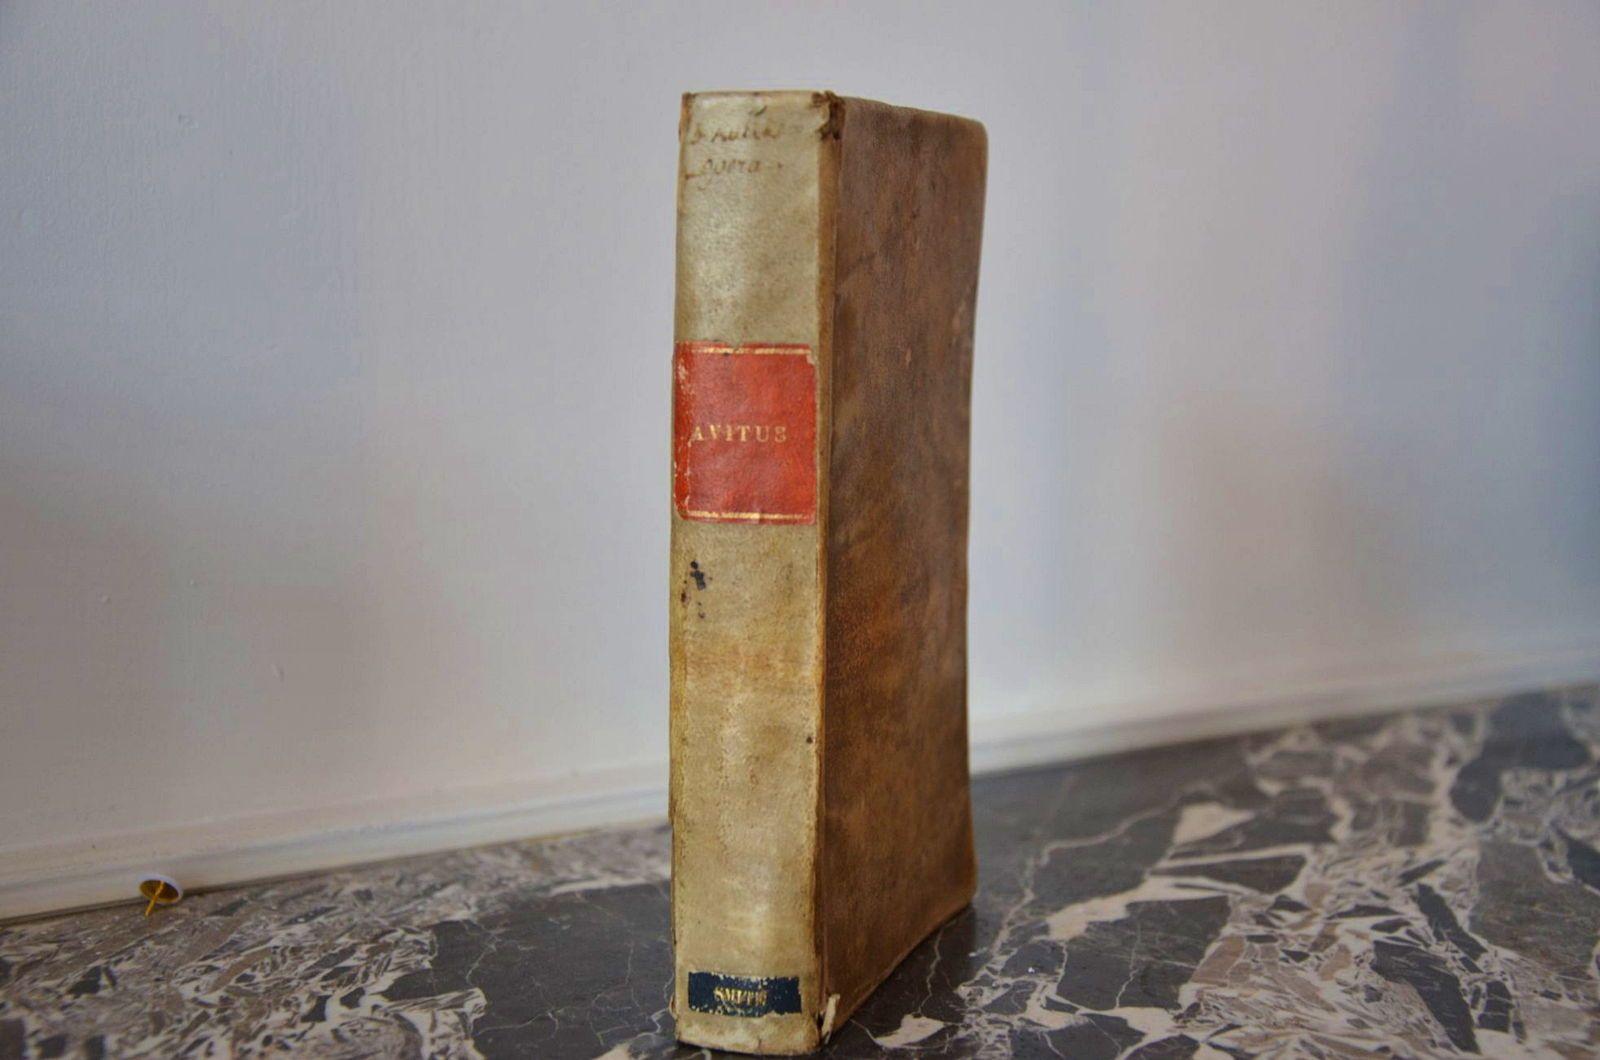 Oeuvres d'Avit de Vienne, 1643(ex-libris)